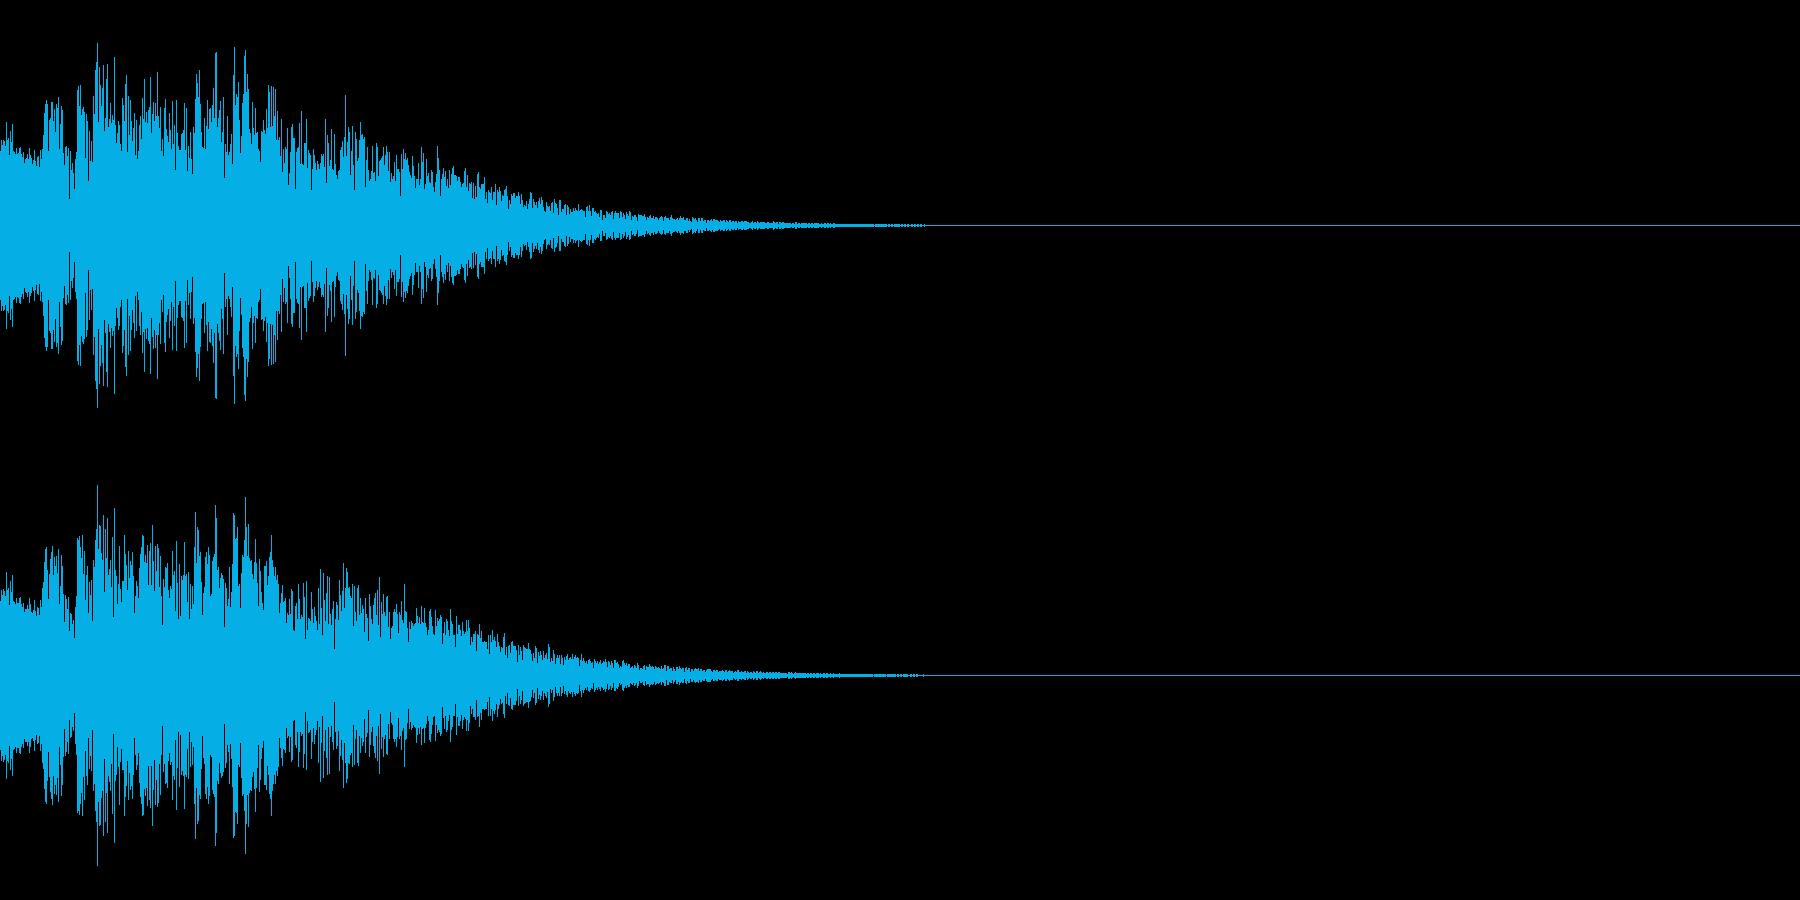 ピコーン(ひらめきやレベルアップの音)の再生済みの波形